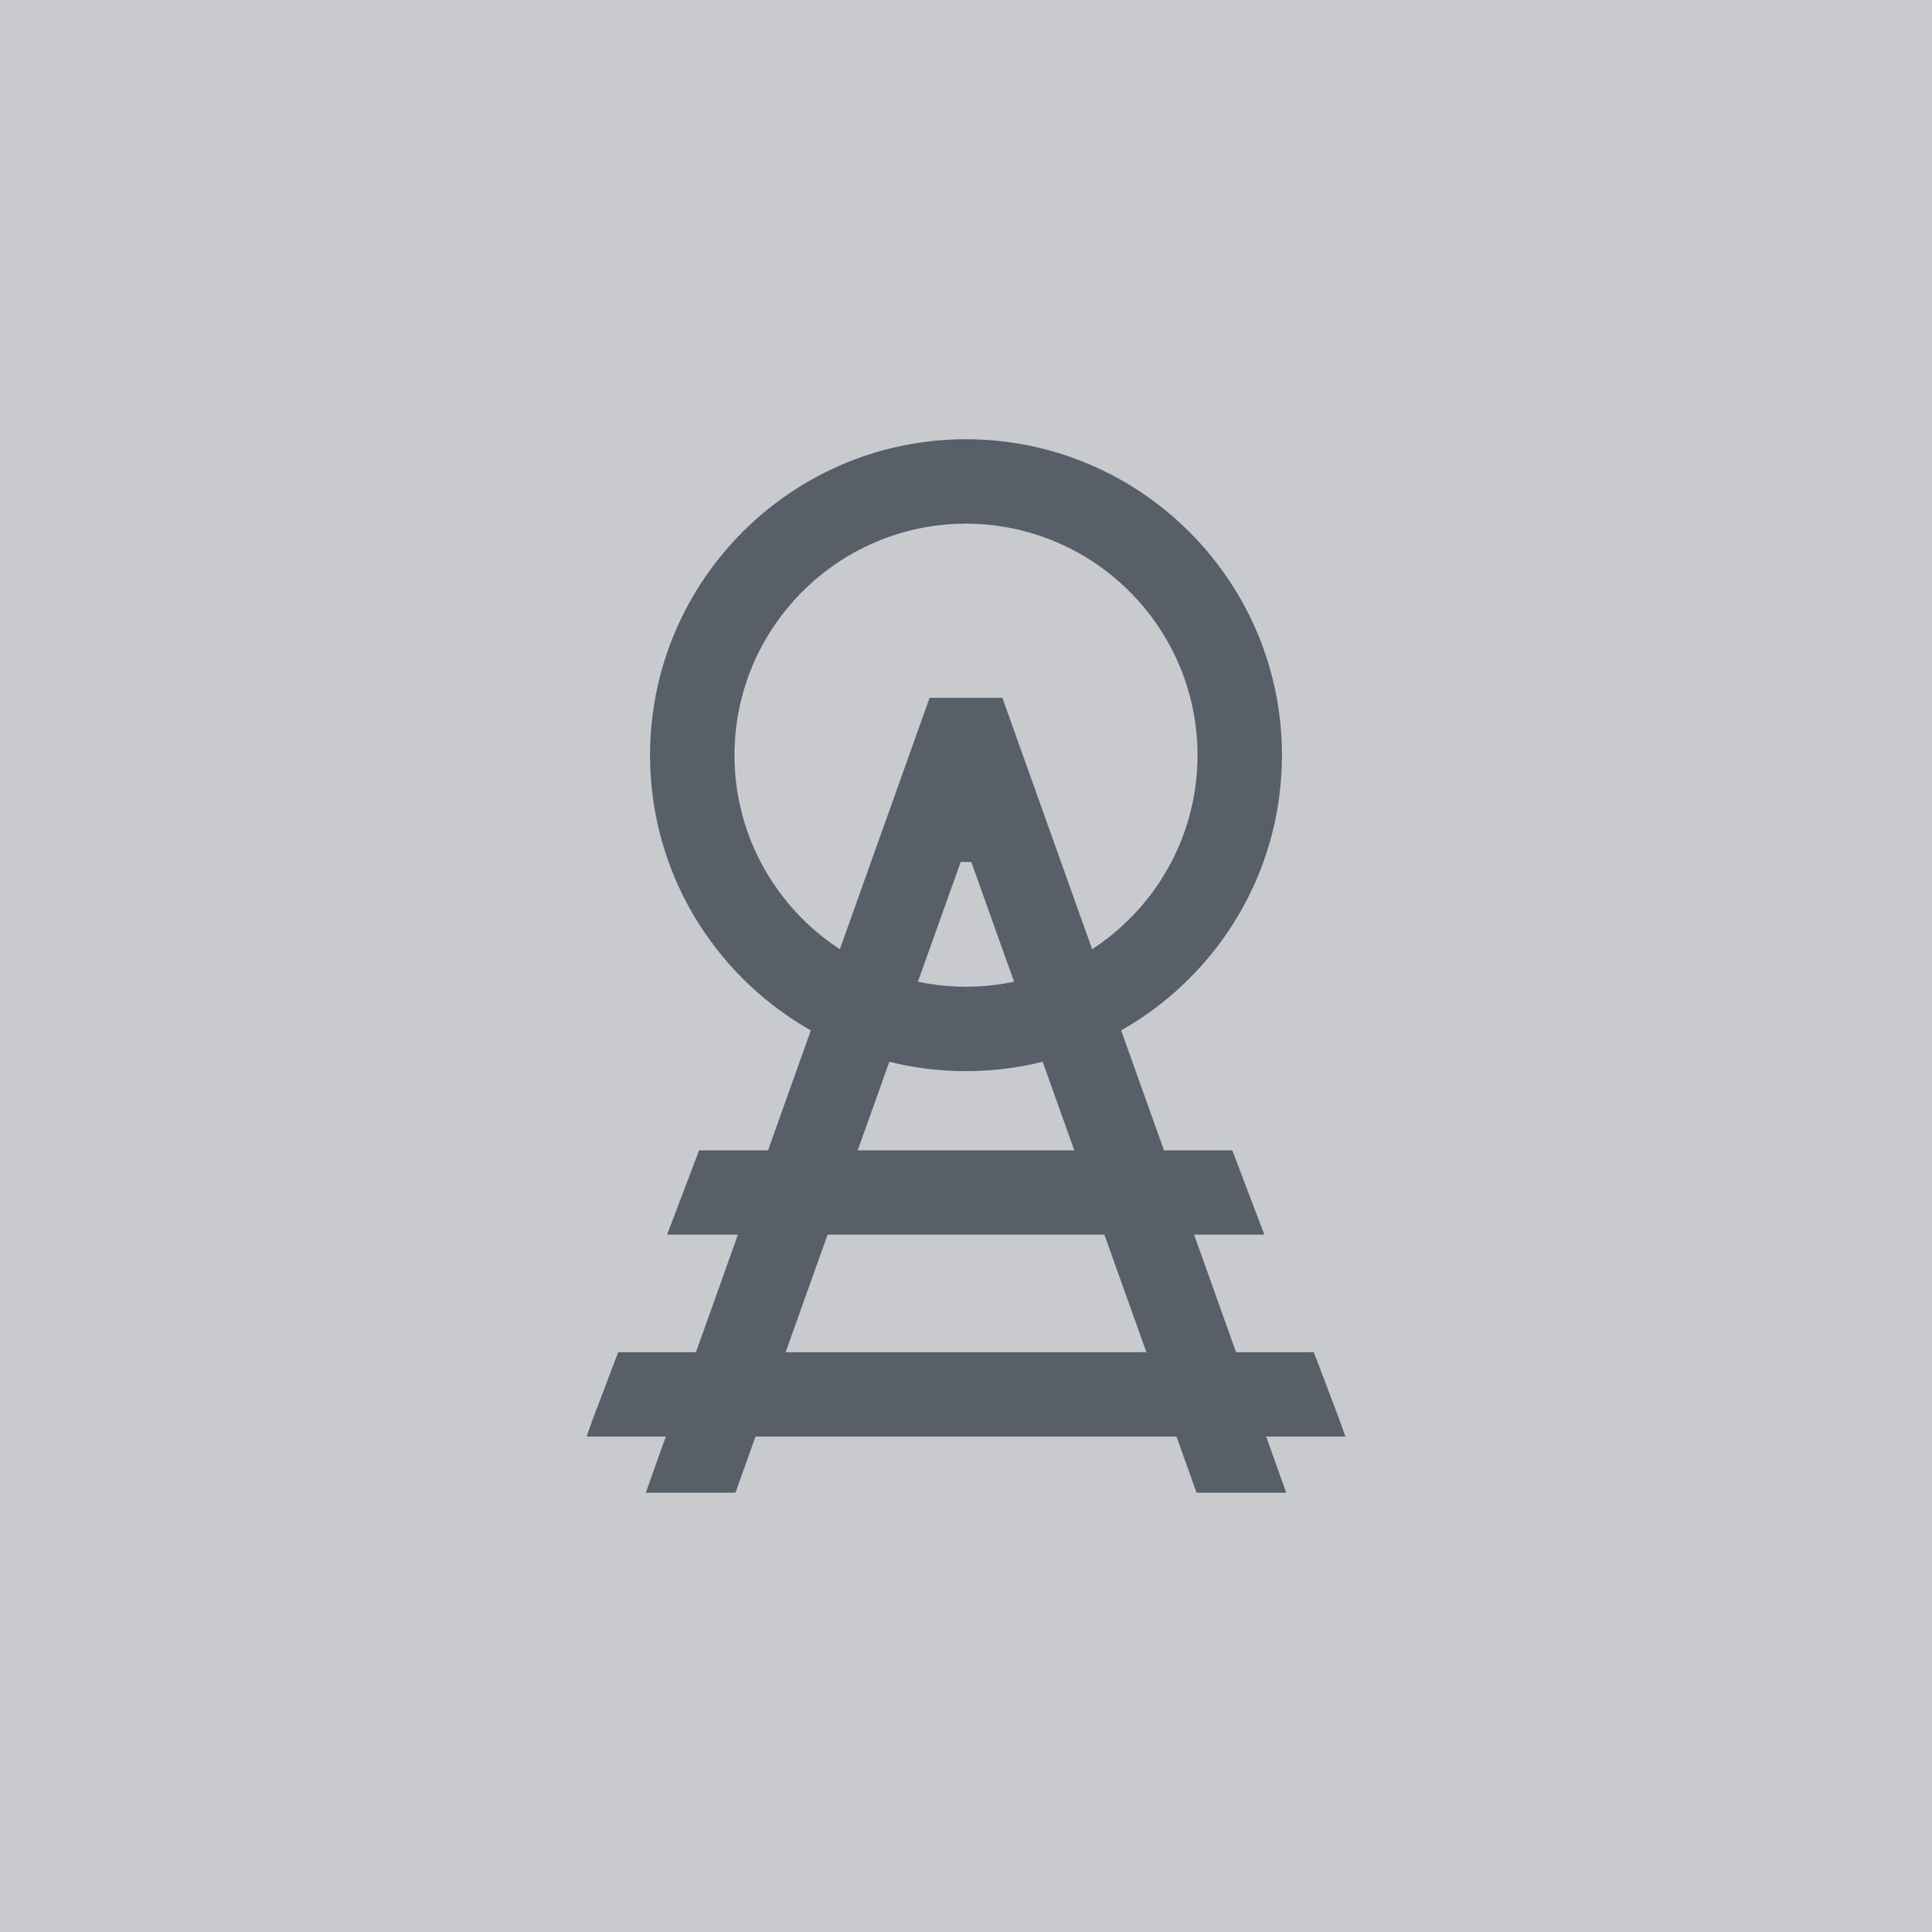 Atlas Shrugged - Ayn Rand - Designed by Chris Cureton